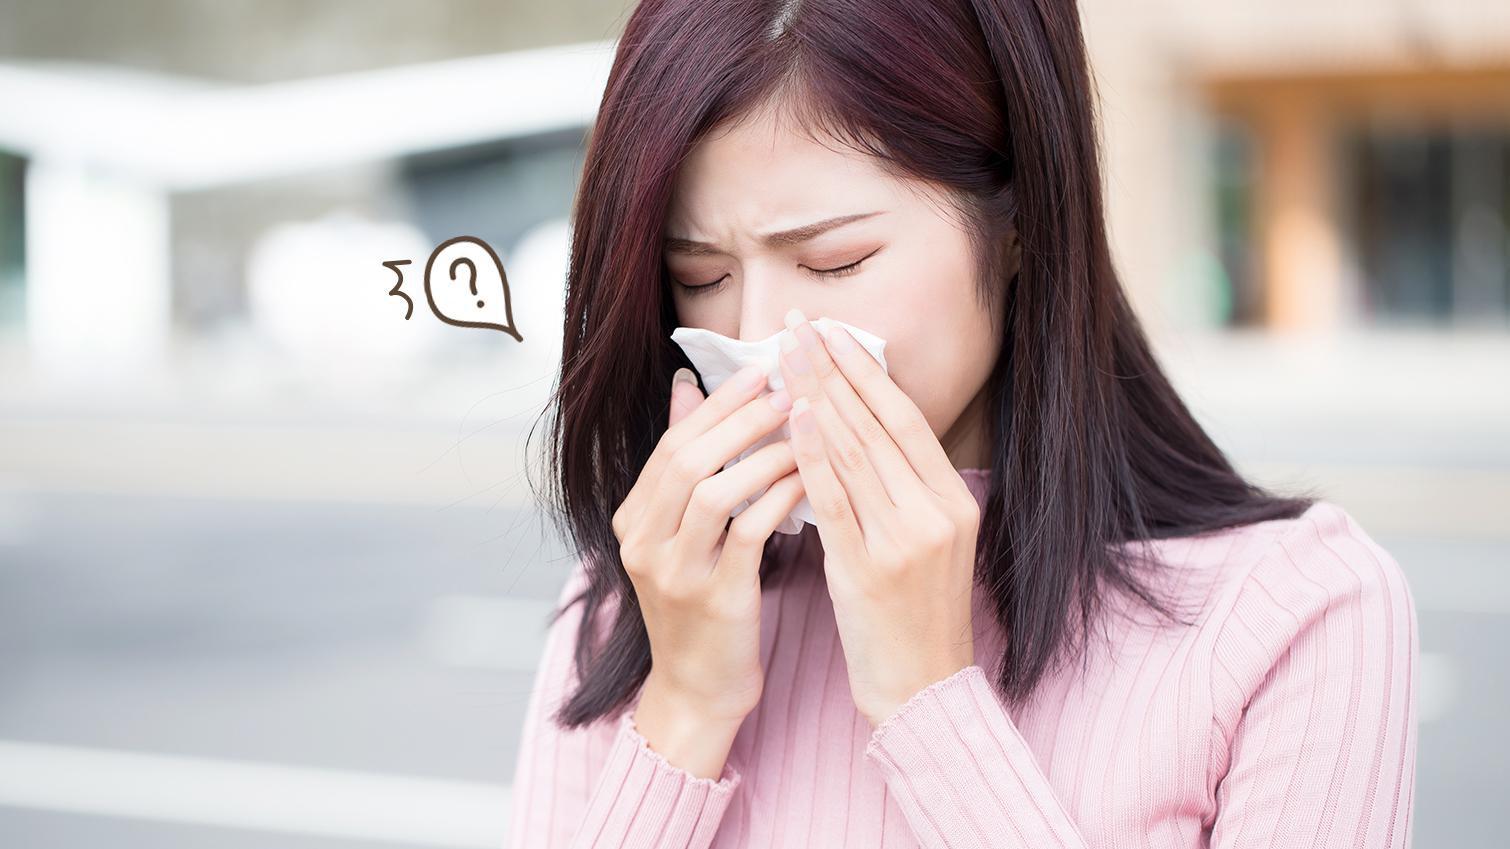 5 etika bersin dan batuk agar tidak